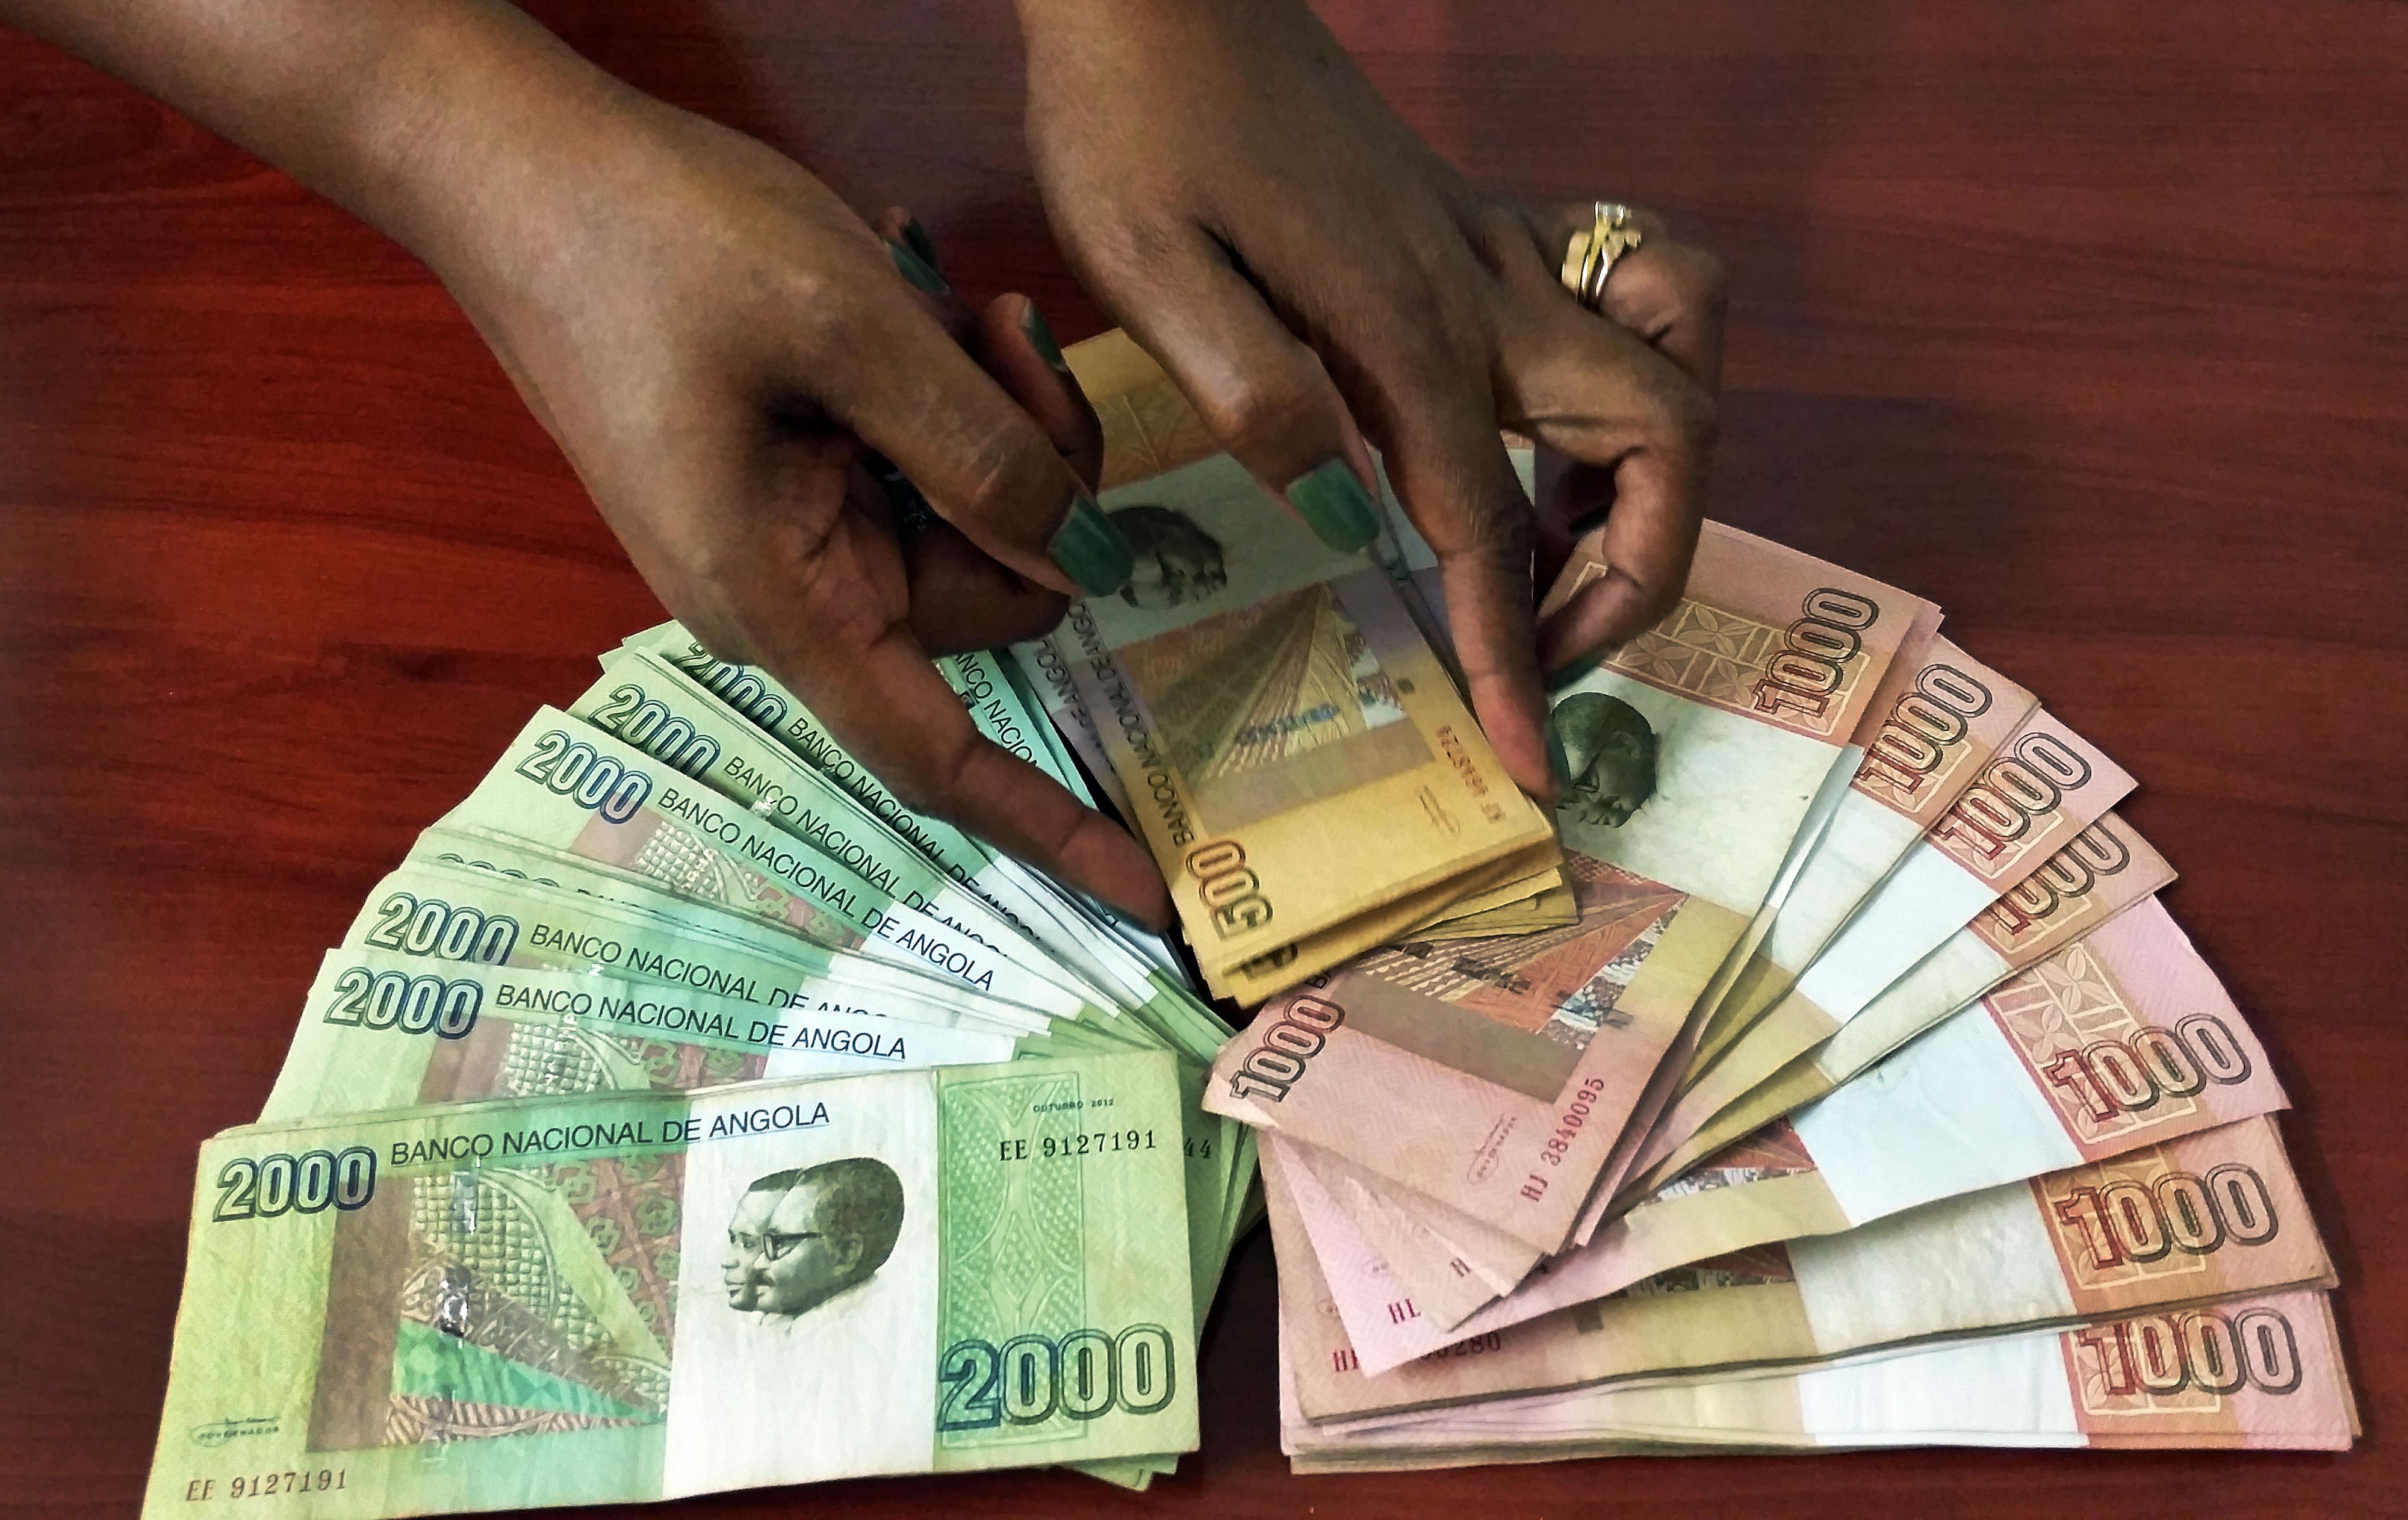 Angola passa a cobrar cinco kwanzas por cada saco de plástico dos supermercados